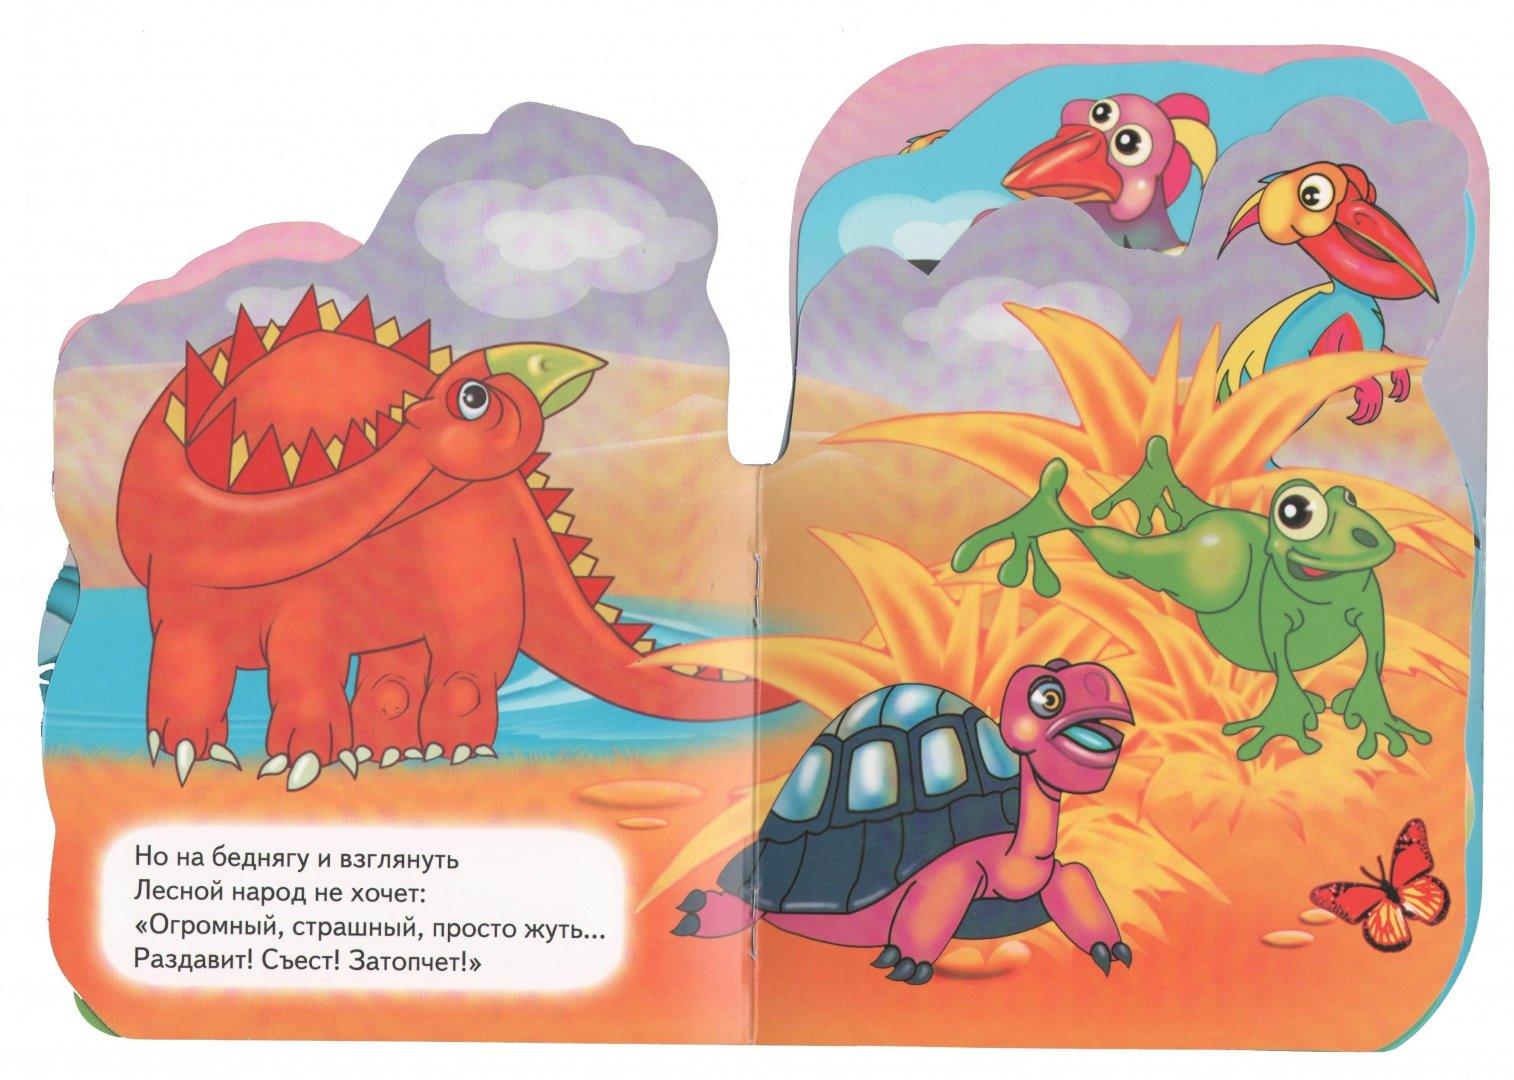 Иллюстрация 1 из 7 для Смешной динозаврик - Людмила Уланова | Лабиринт - книги. Источник: Лабиринт